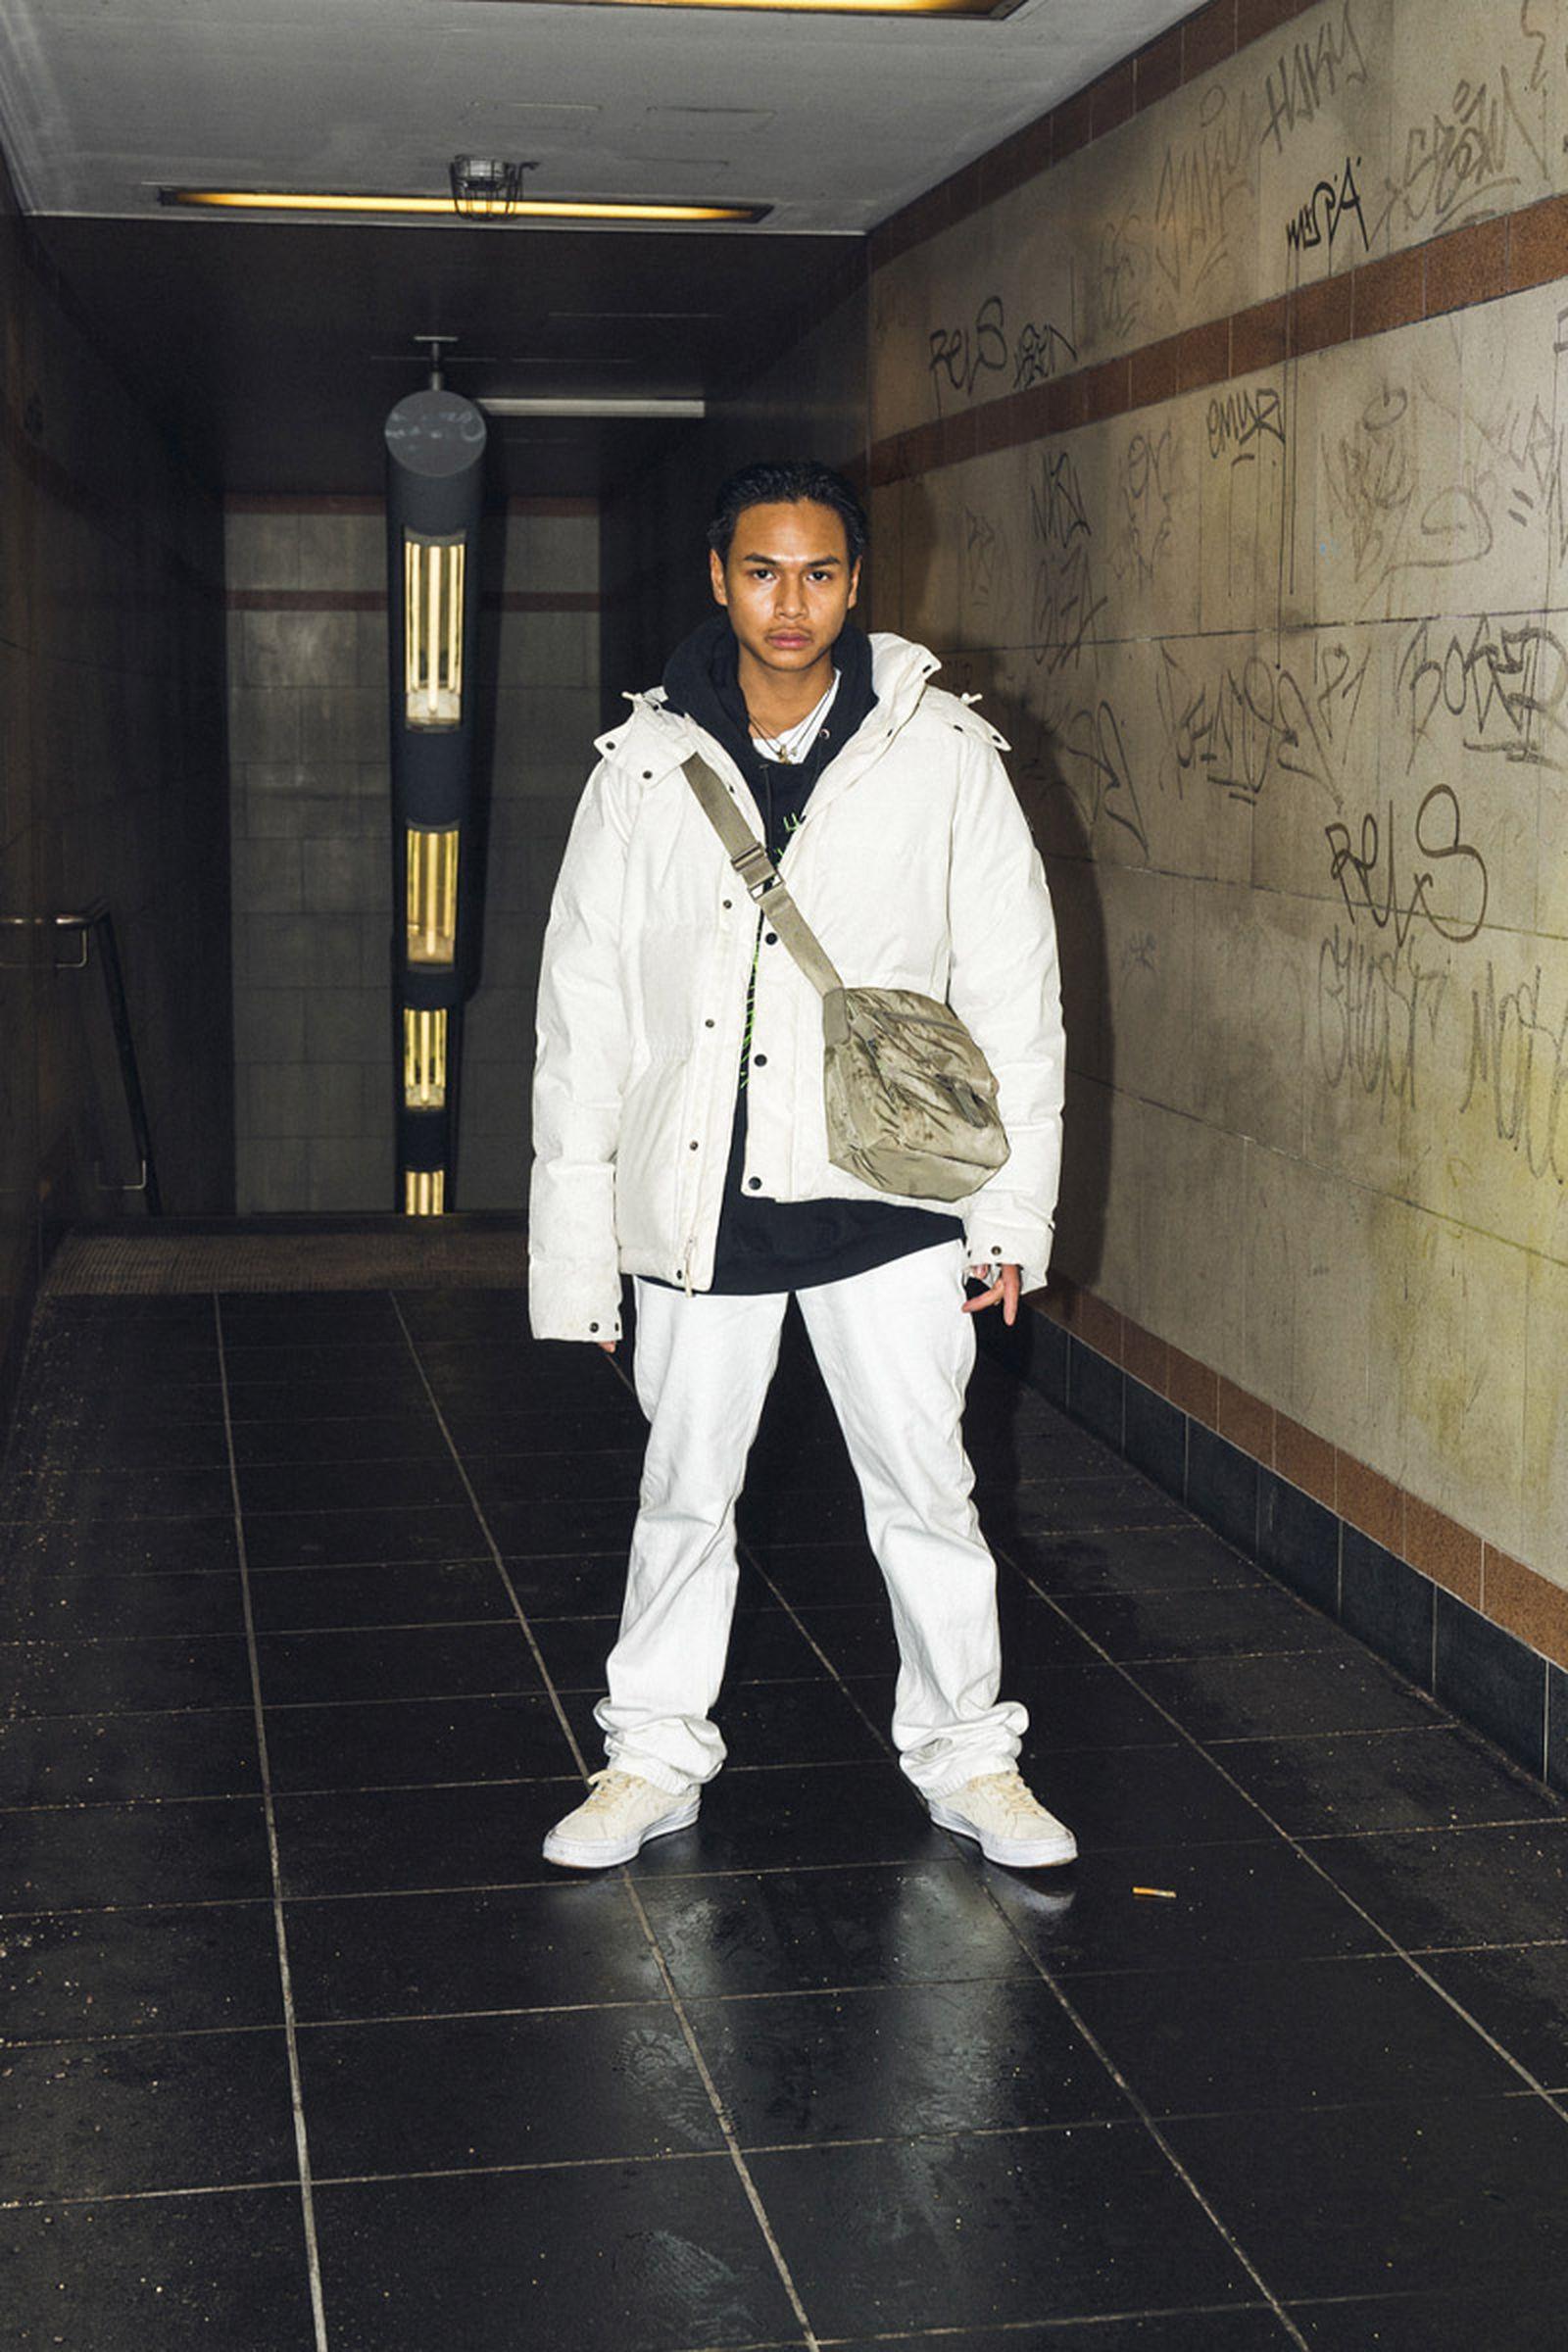 beinghunted-robert-smithson-not-in-paris-@jael.kadi-800x1200